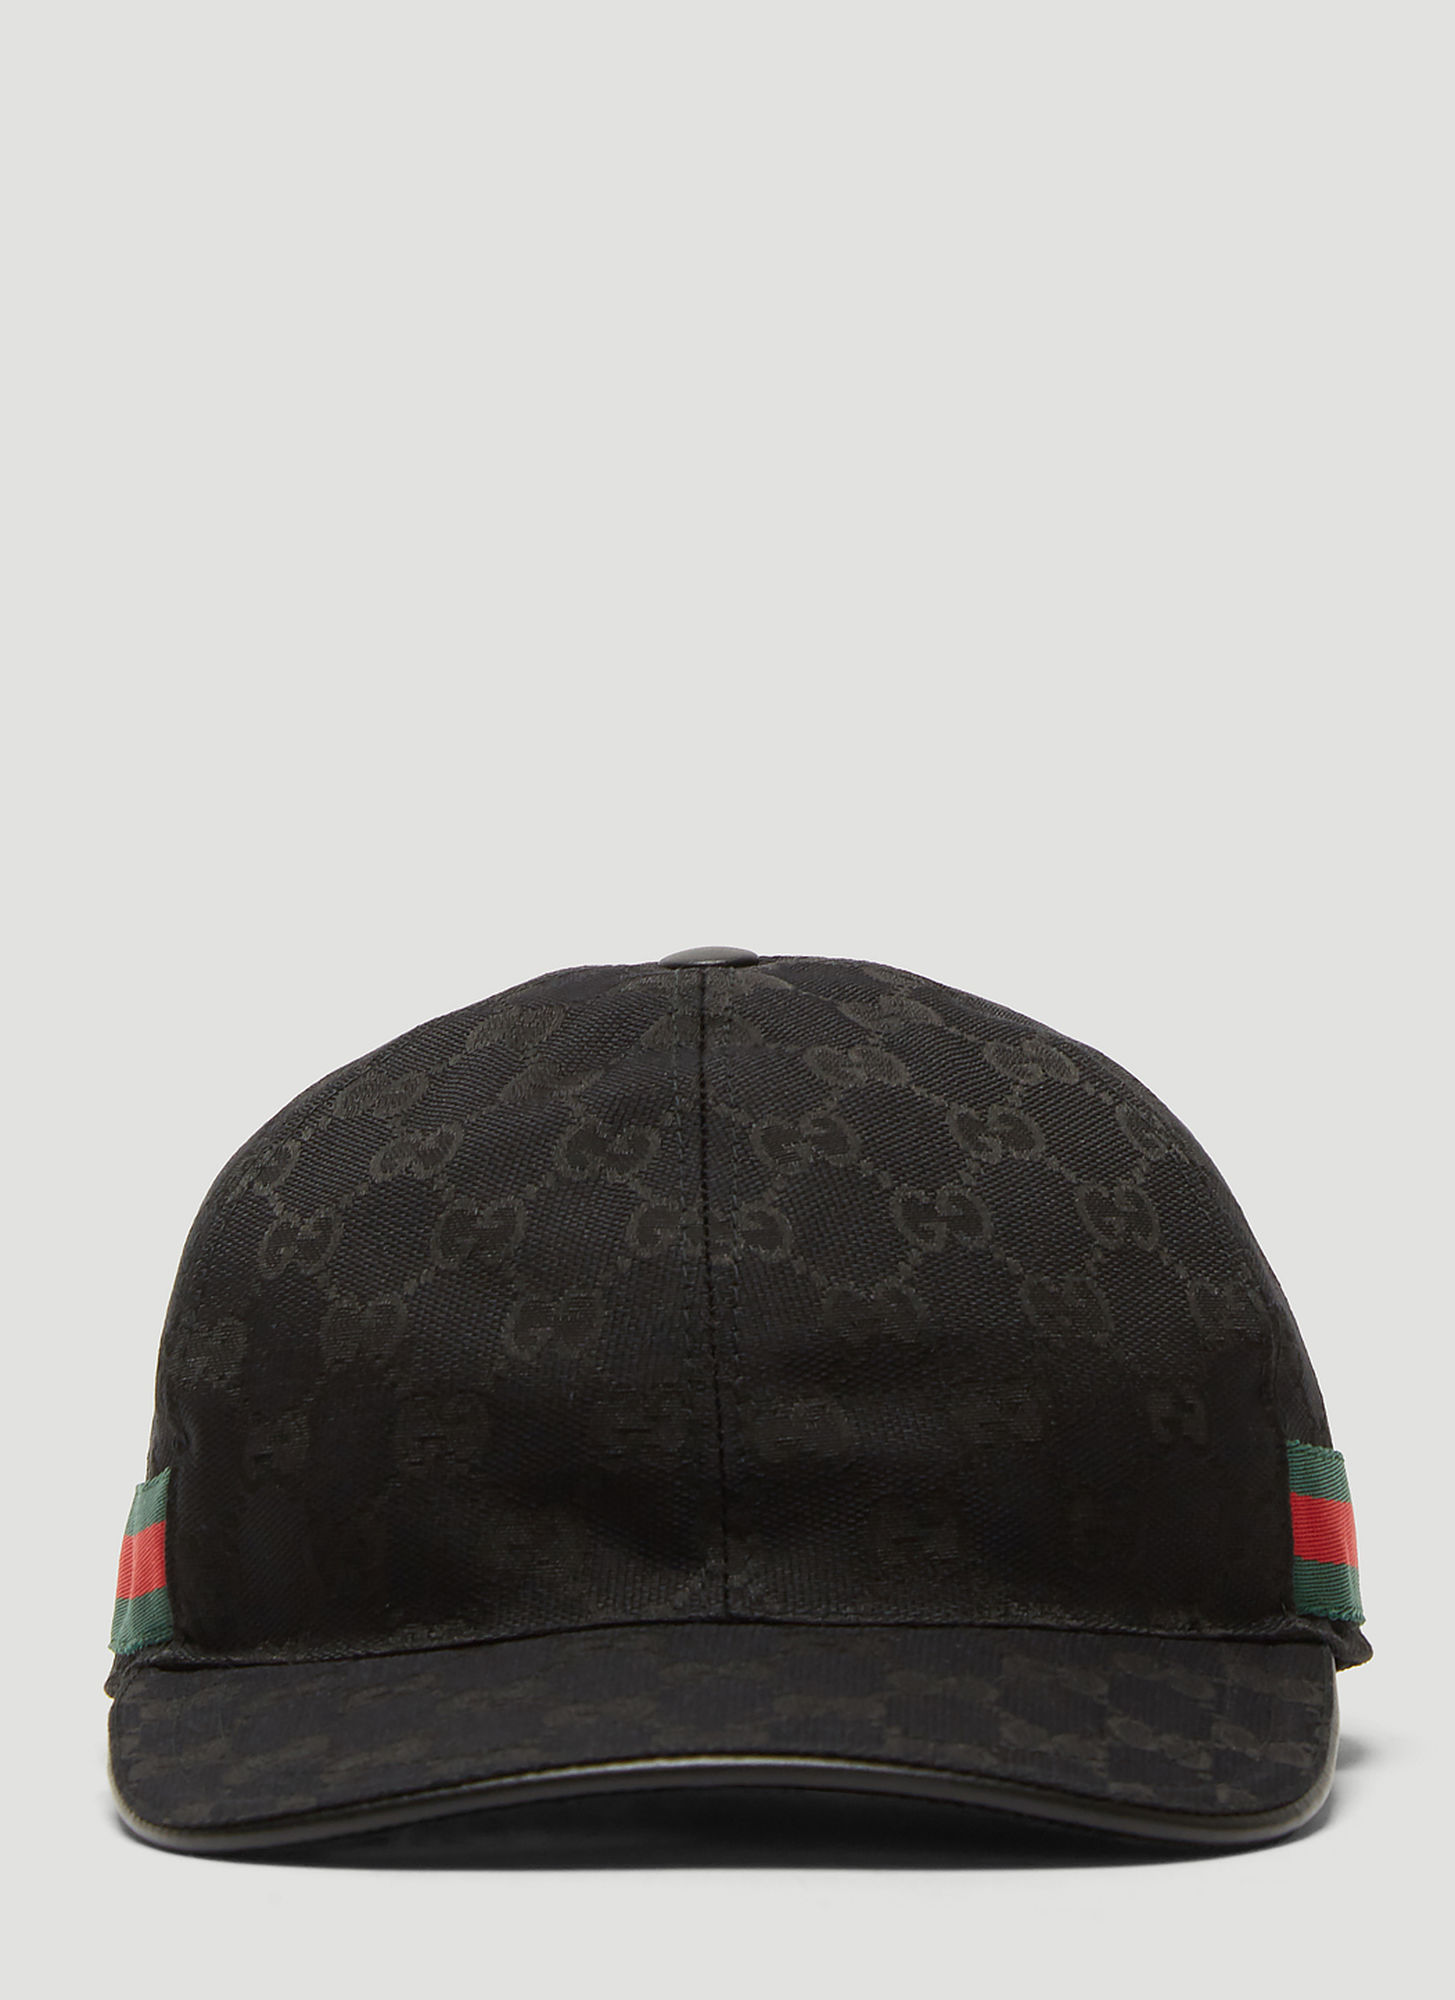 348e51c66 Gucci Original GG Canvas Web Baseball Cap in Black size M